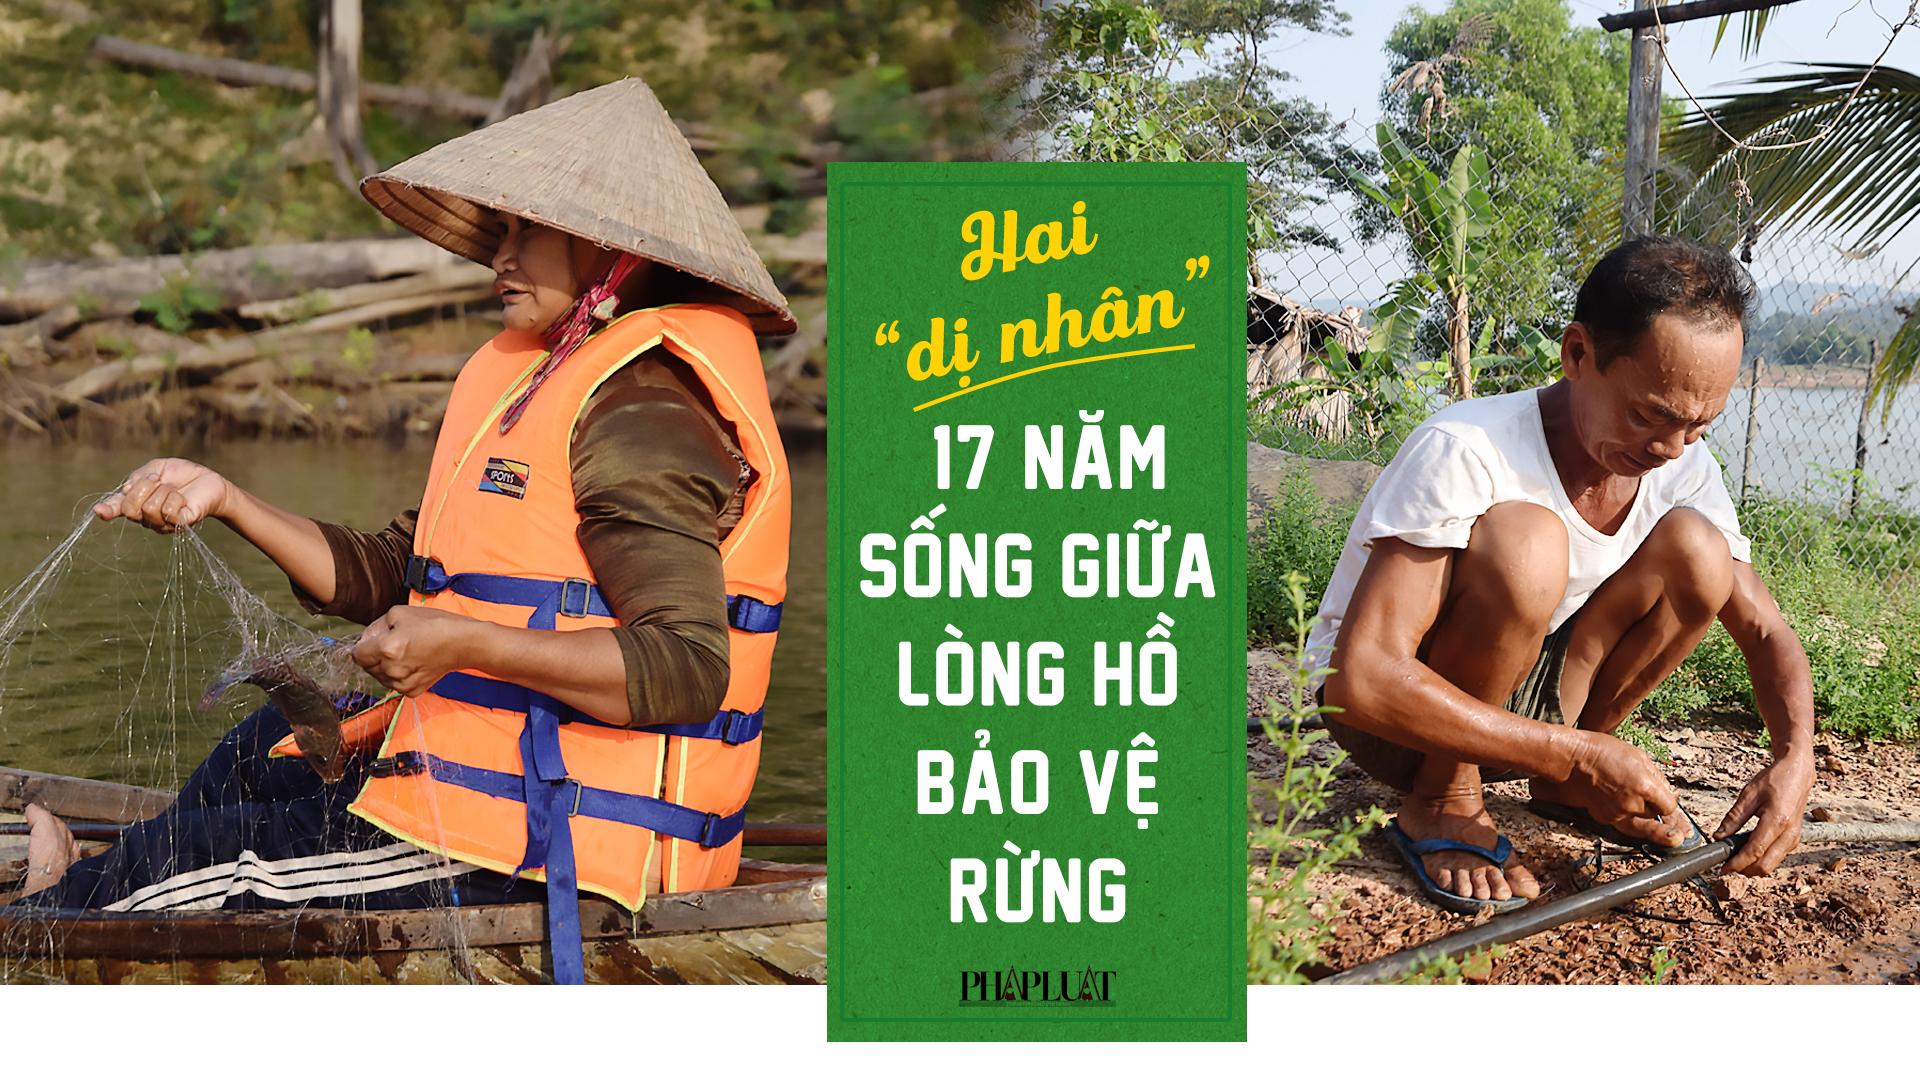 Hai 'dị nhân' 17 năm sống giữa lòng hồ bảo vệ rừng